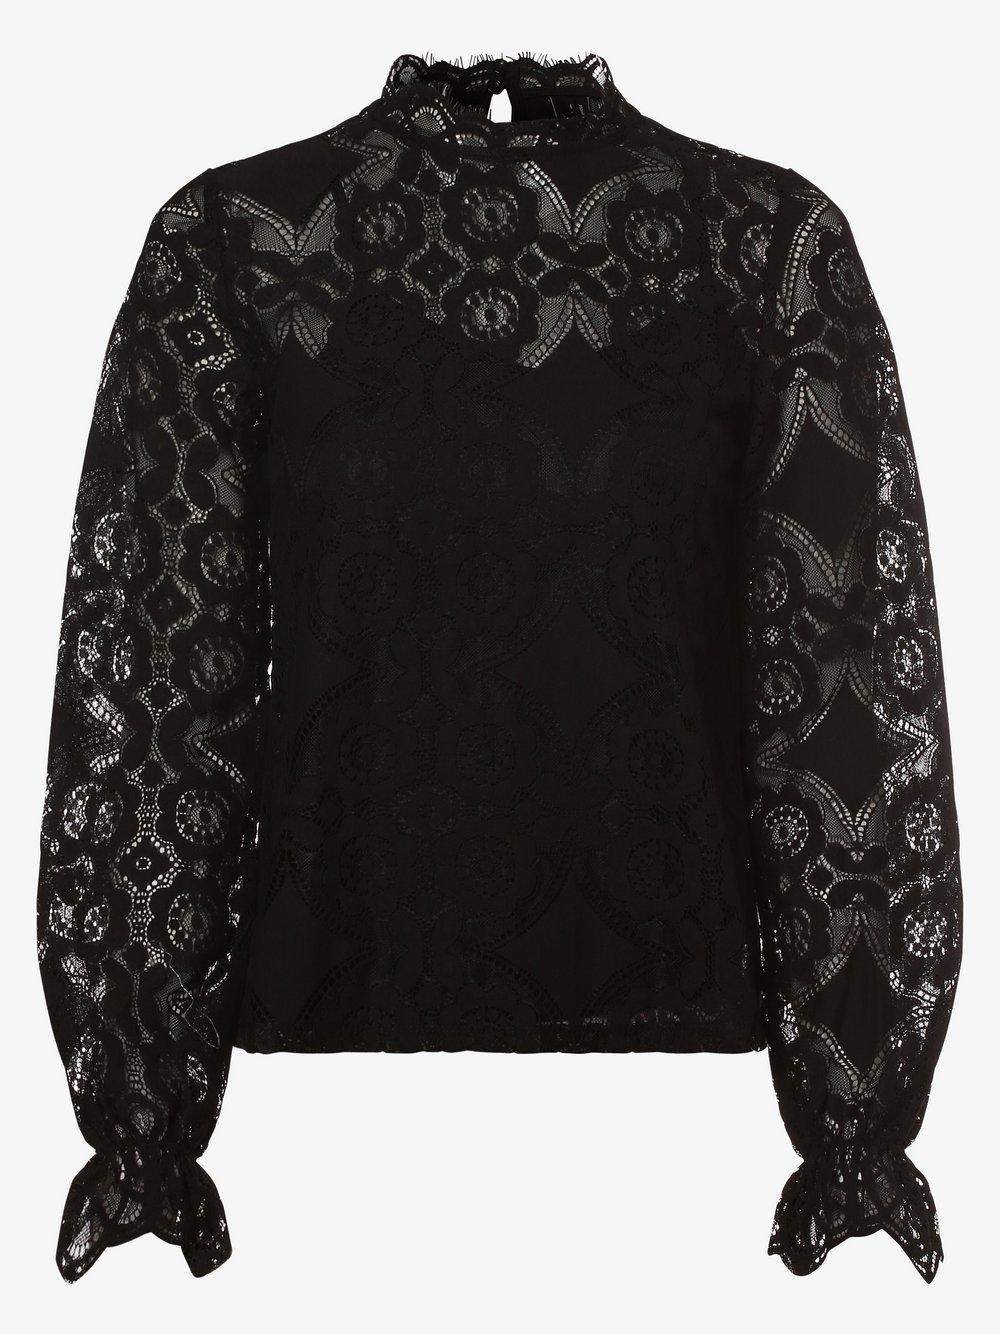 Vero Moda – Bluzka damska – Vmginny, czarny Van Graaf 466472-0001-09960